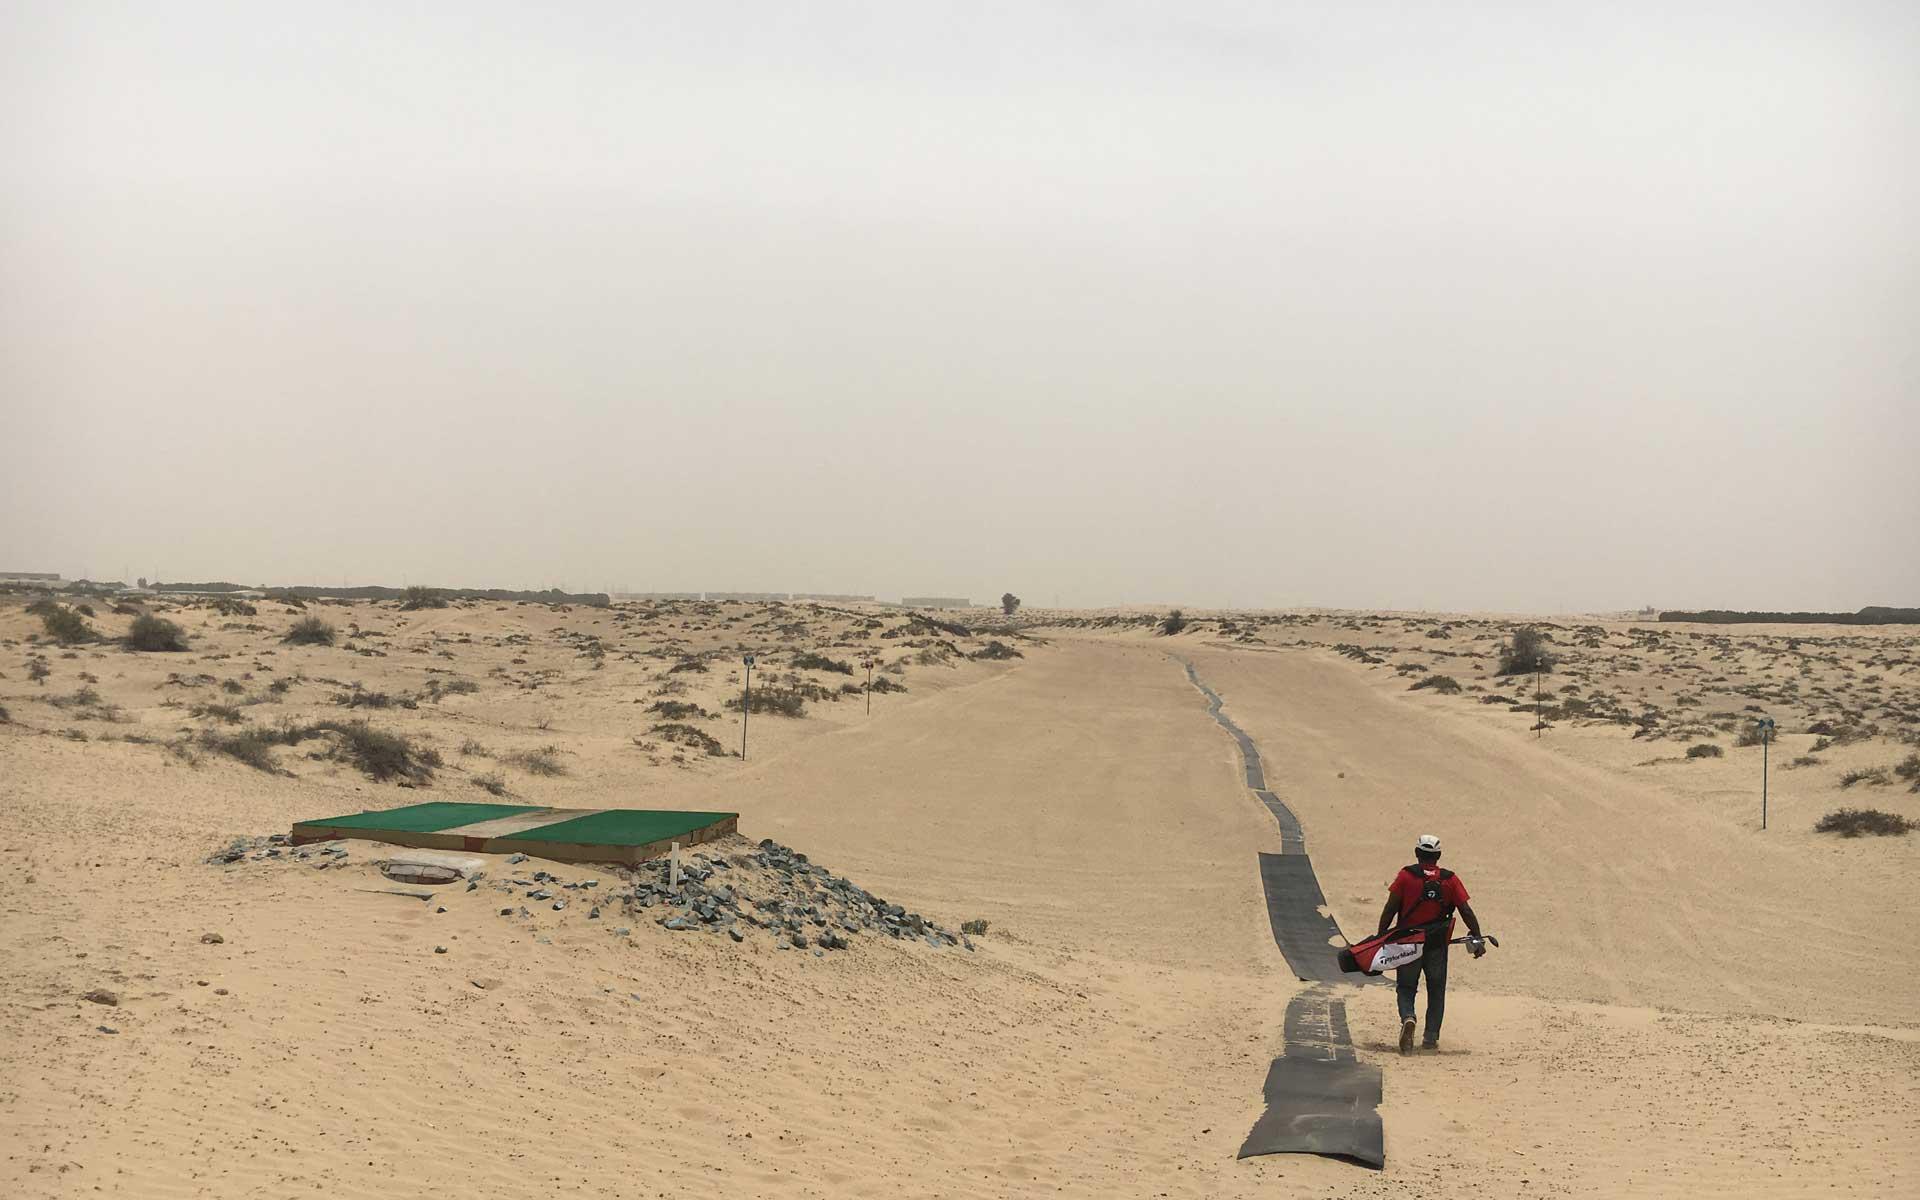 oder Golfspielen in der Wüste – Martin Kohn präsentiert 99 Lebensträume!